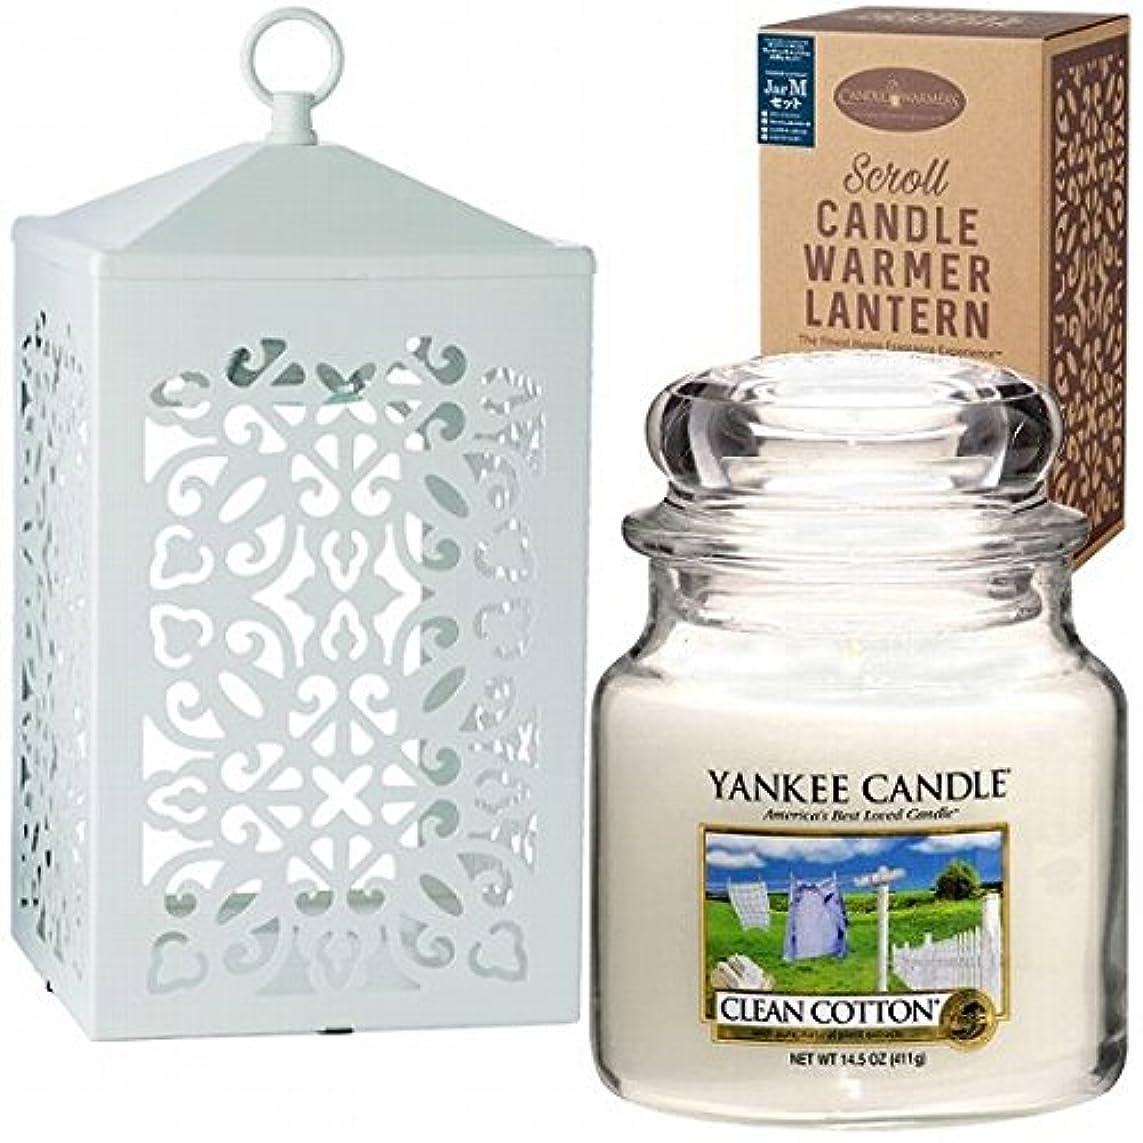 ユーモア商品なかなかヤンキーキャンドル(YANKEE CANDLE) YANKEE CANDLE ジャーM スクロールキャンドルウォーマーセット(ホワイト) 「 クリーンコットン 」